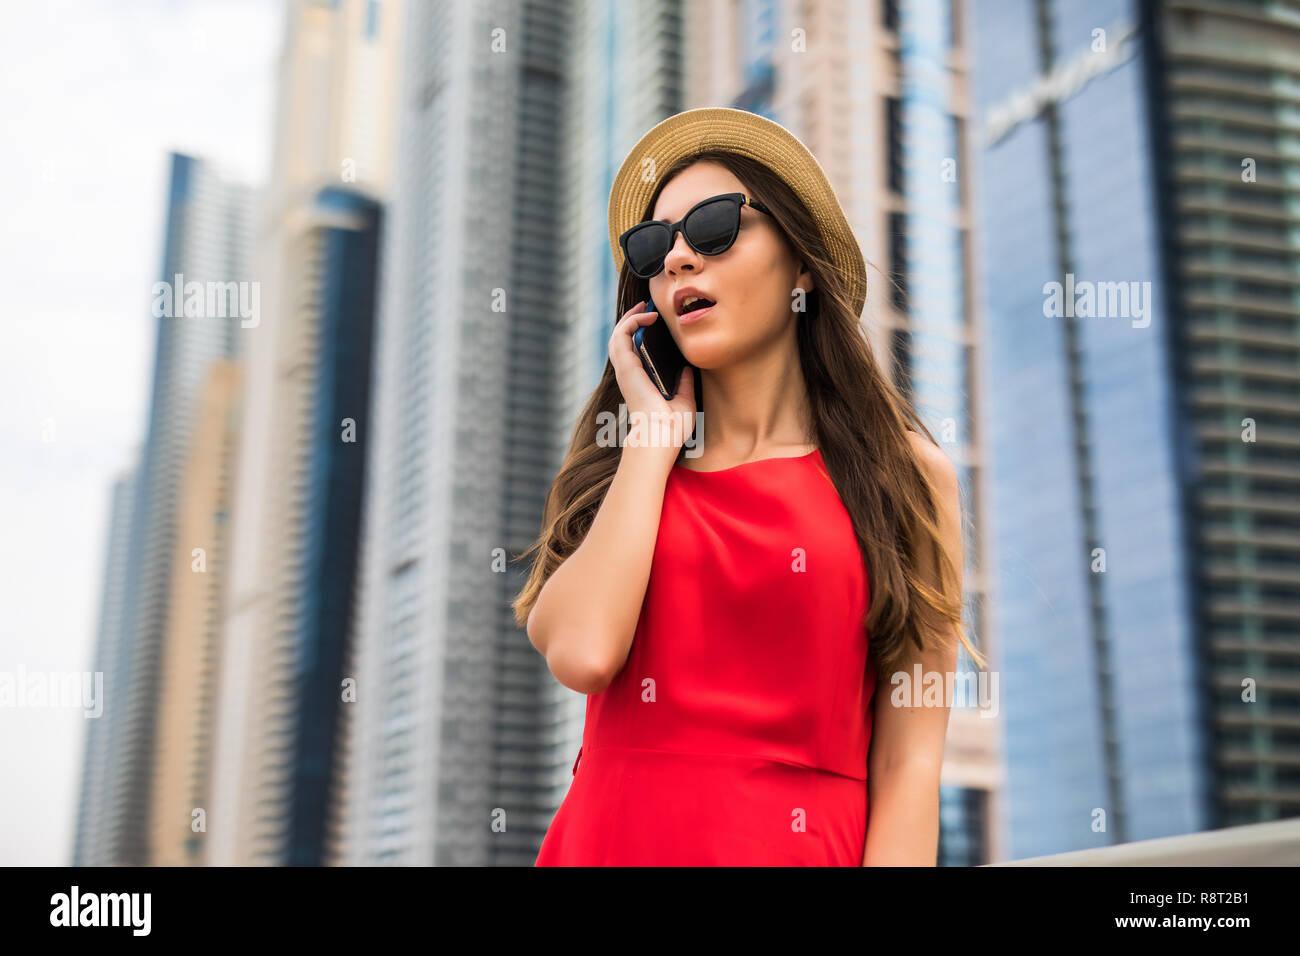 f230e3d477 Retrato de mujer joven en vestido rojo, gafas de sol y sombrero de verano  hablando